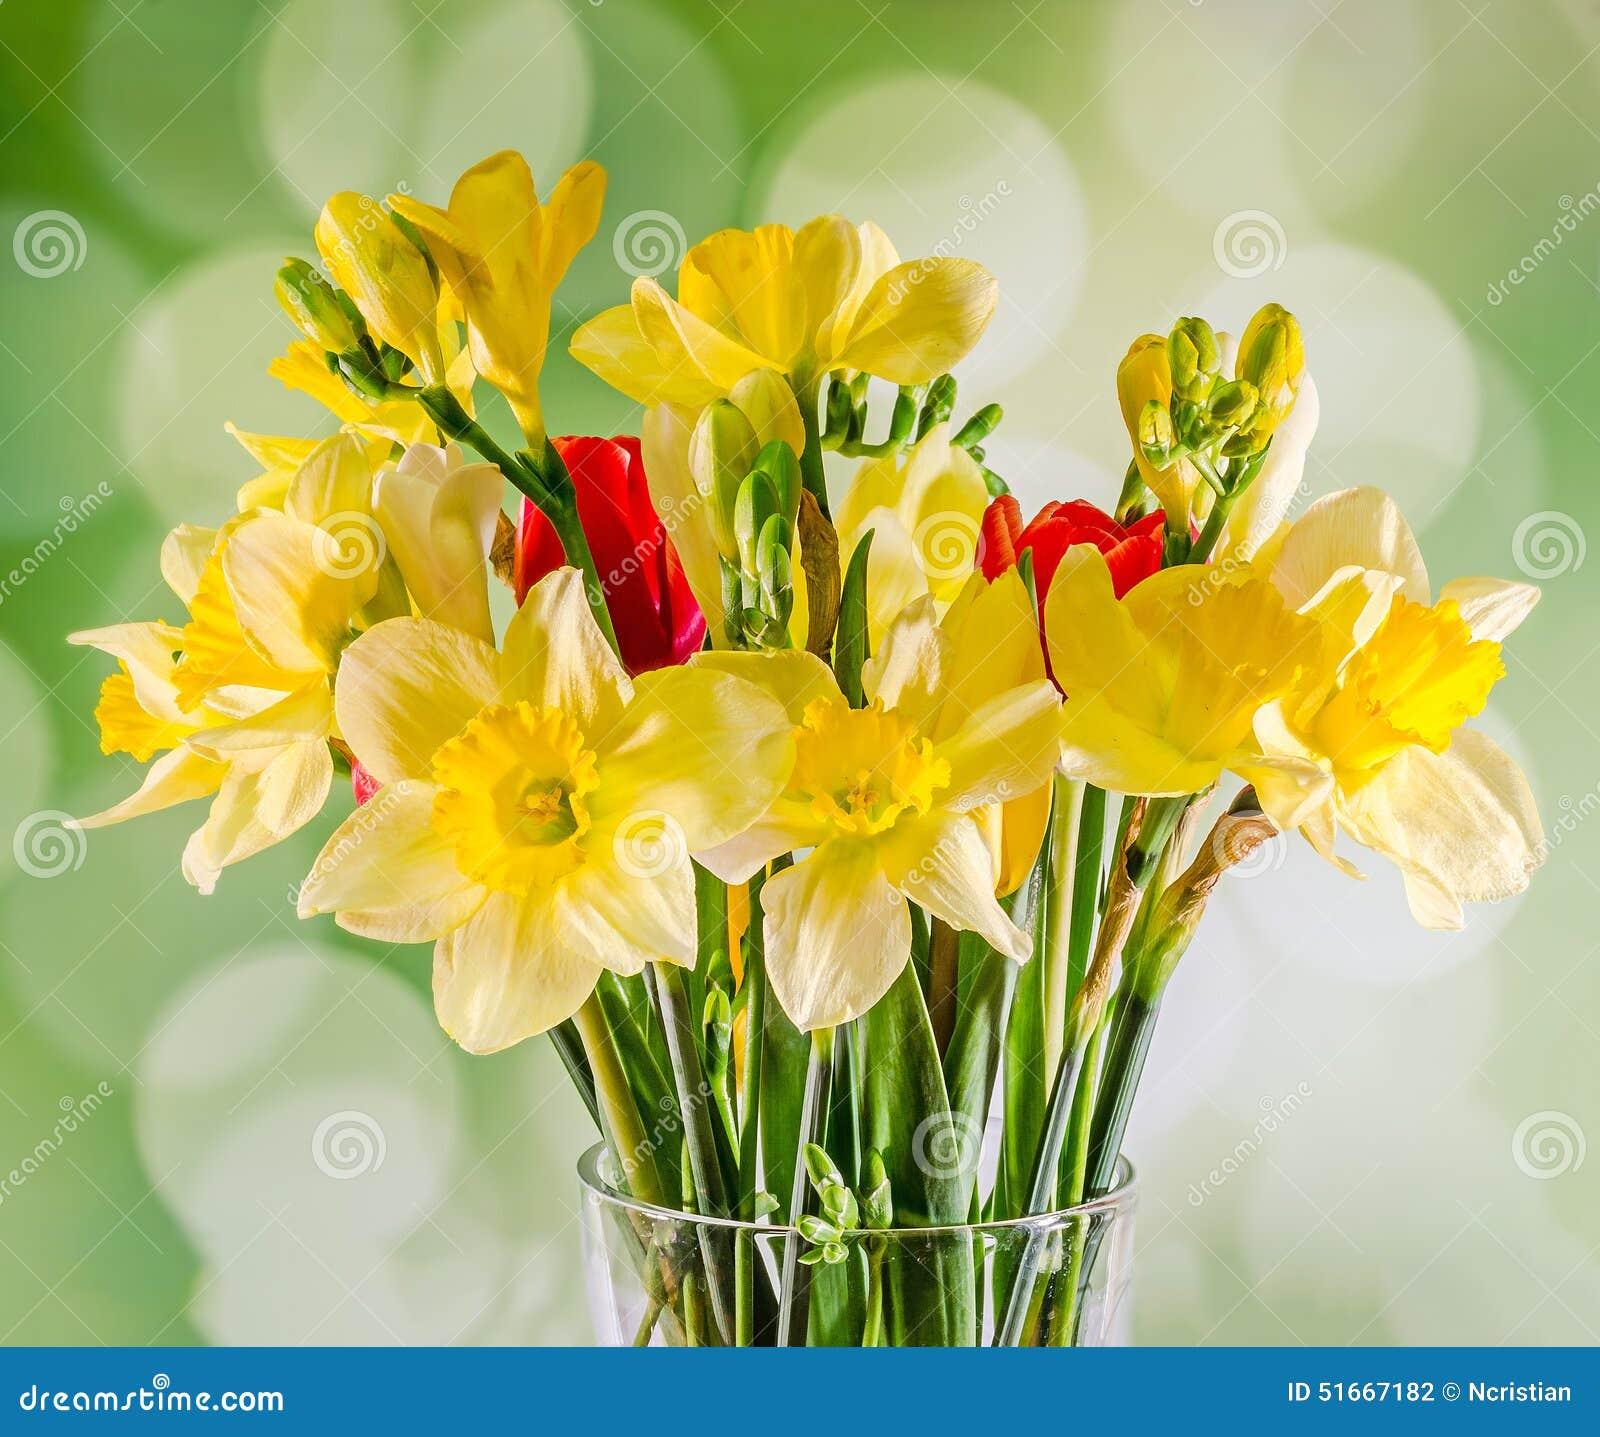 Jonquilles et fleurs jaunes de freesias, tulipes rouges dans un vase  transparent, fin,